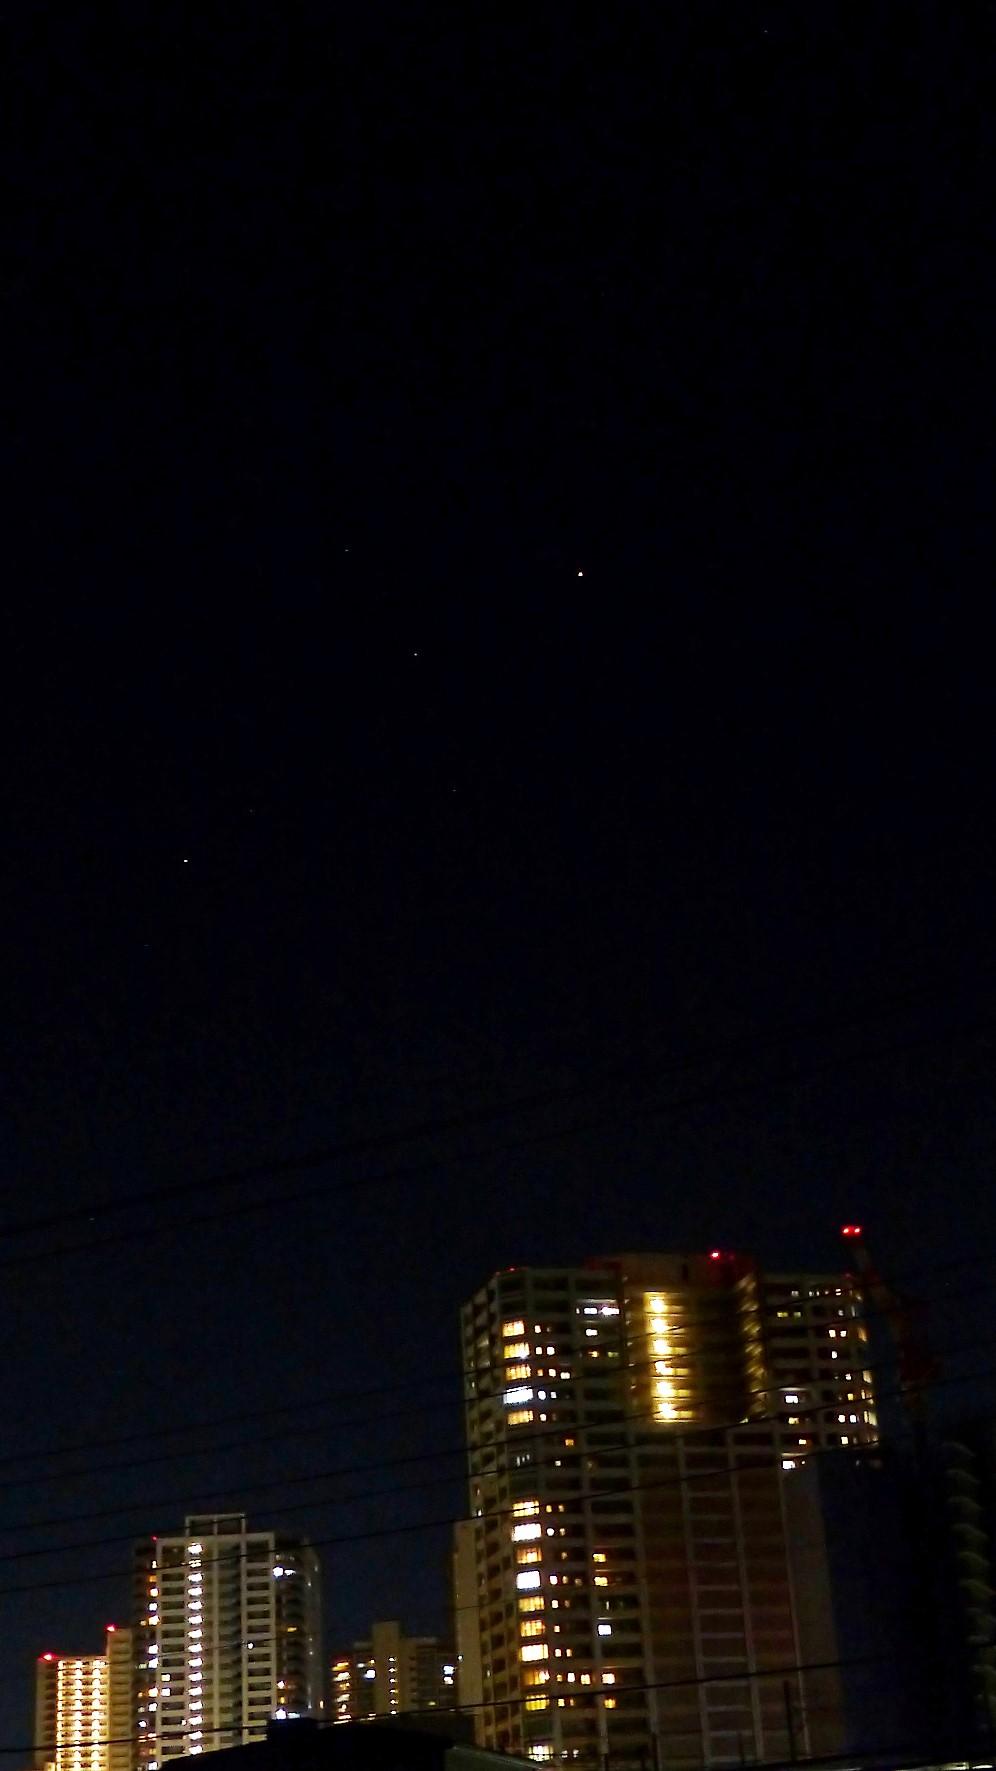 スーパーマーズの夜_a0185081_23145781.jpg